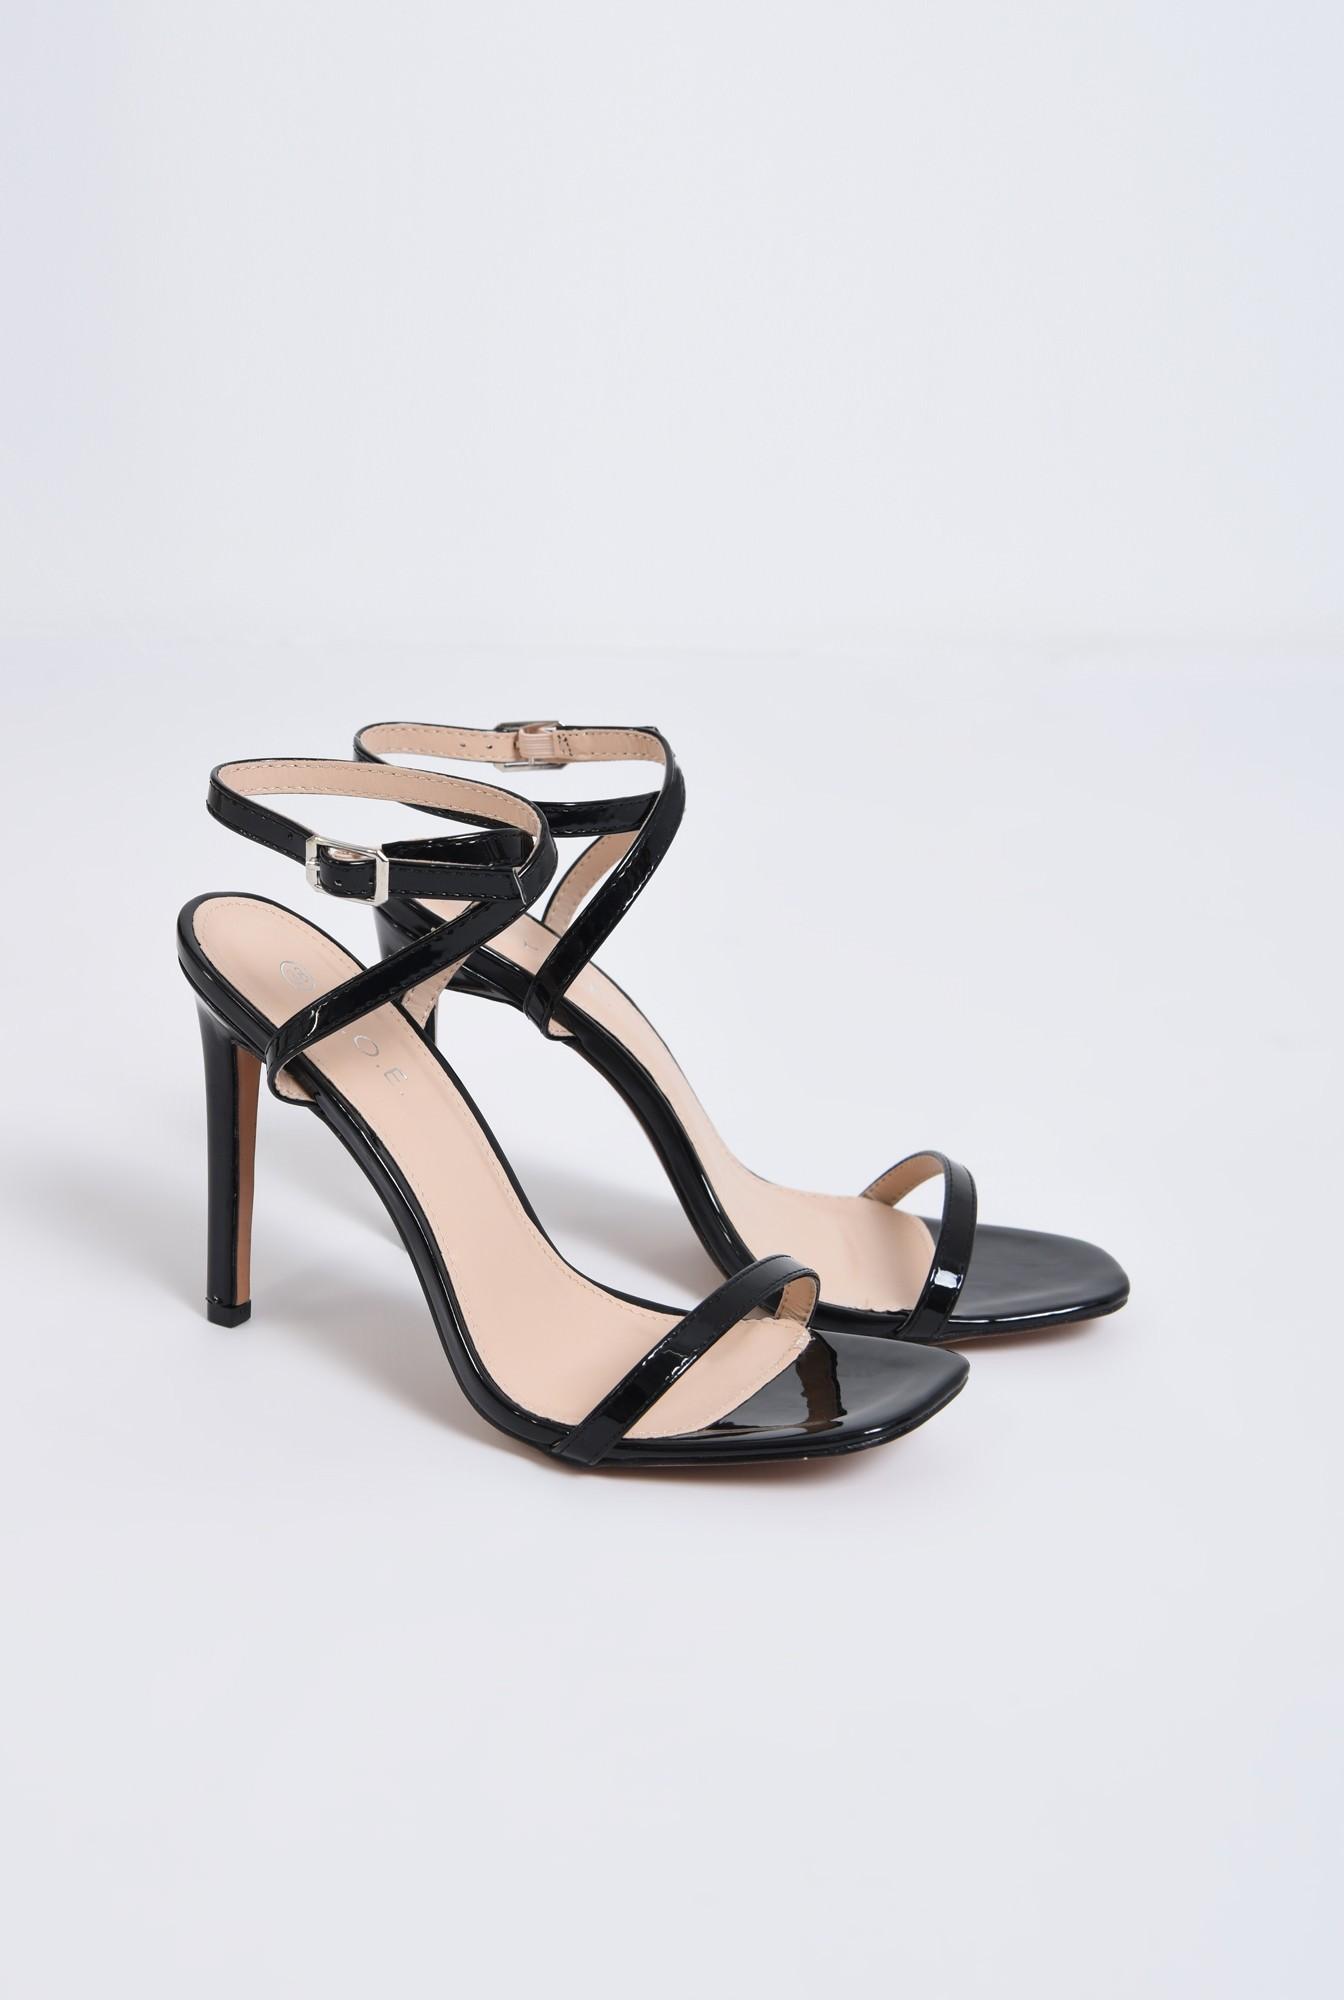 1 - sandale elegante, din lac, negre, toc cui